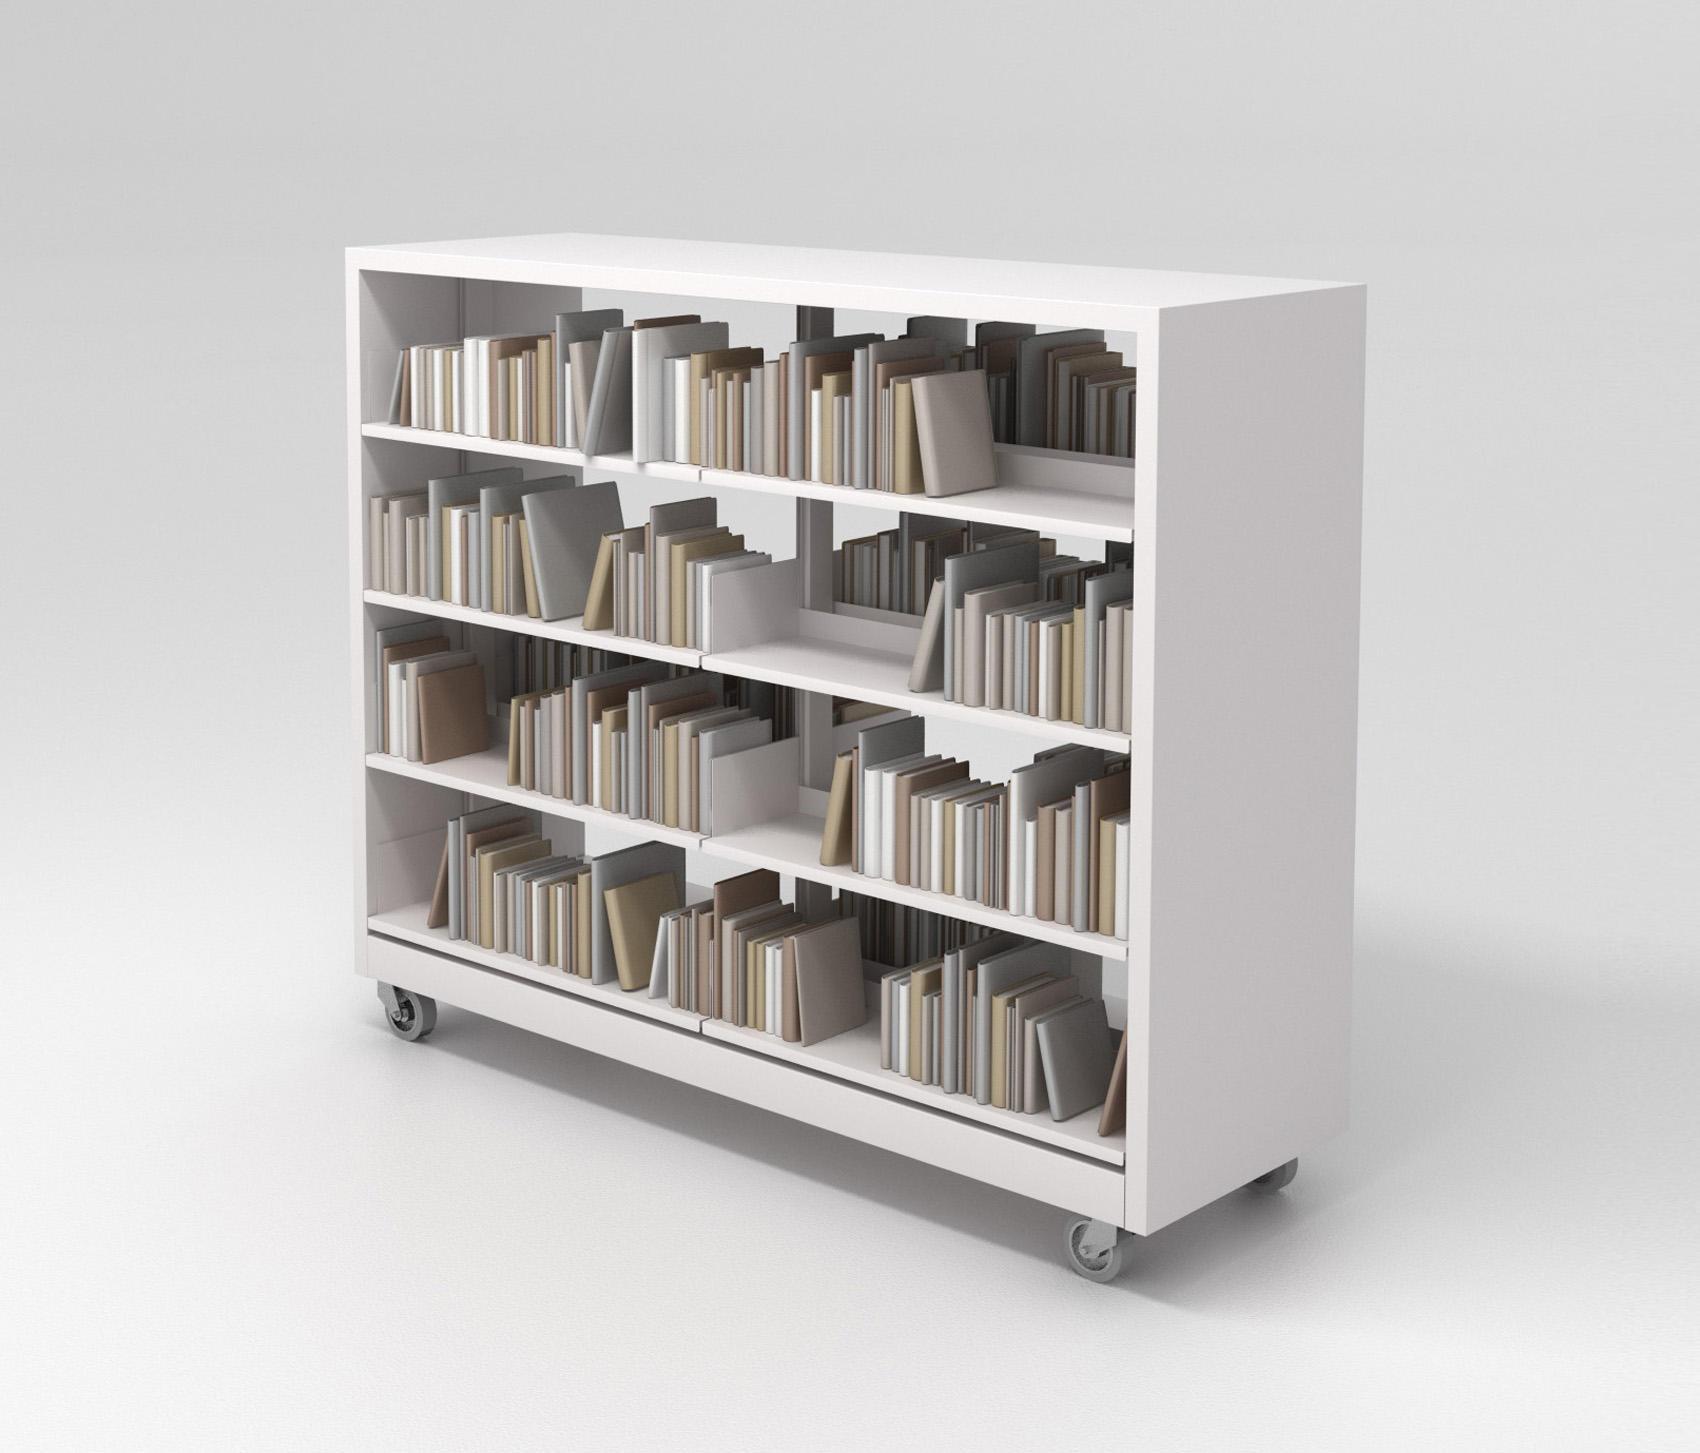 Bk 3 tag res pour biblioth ques de idm coupechoux - Estanteria biblioteca infantil ...